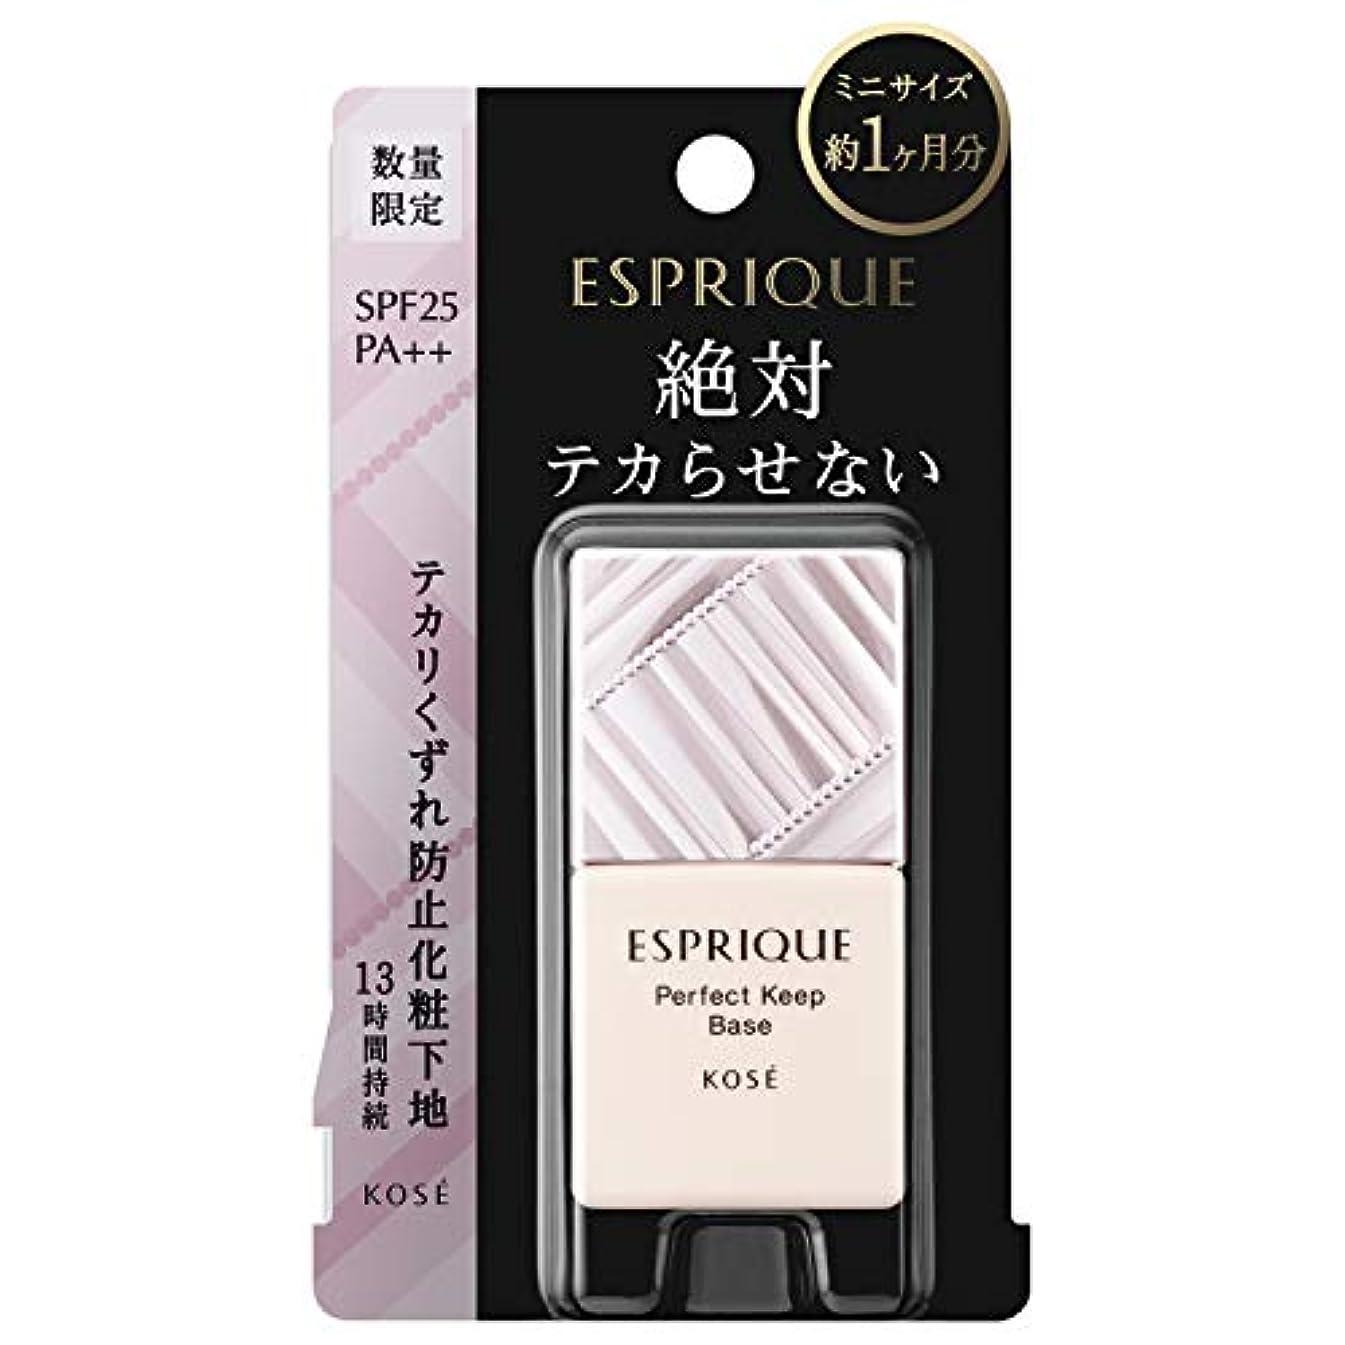 粉砕する流行母性ESPRIQUE(エスプリーク) エスプリーク パーフェクト キープ ベース 化粧下地 10g